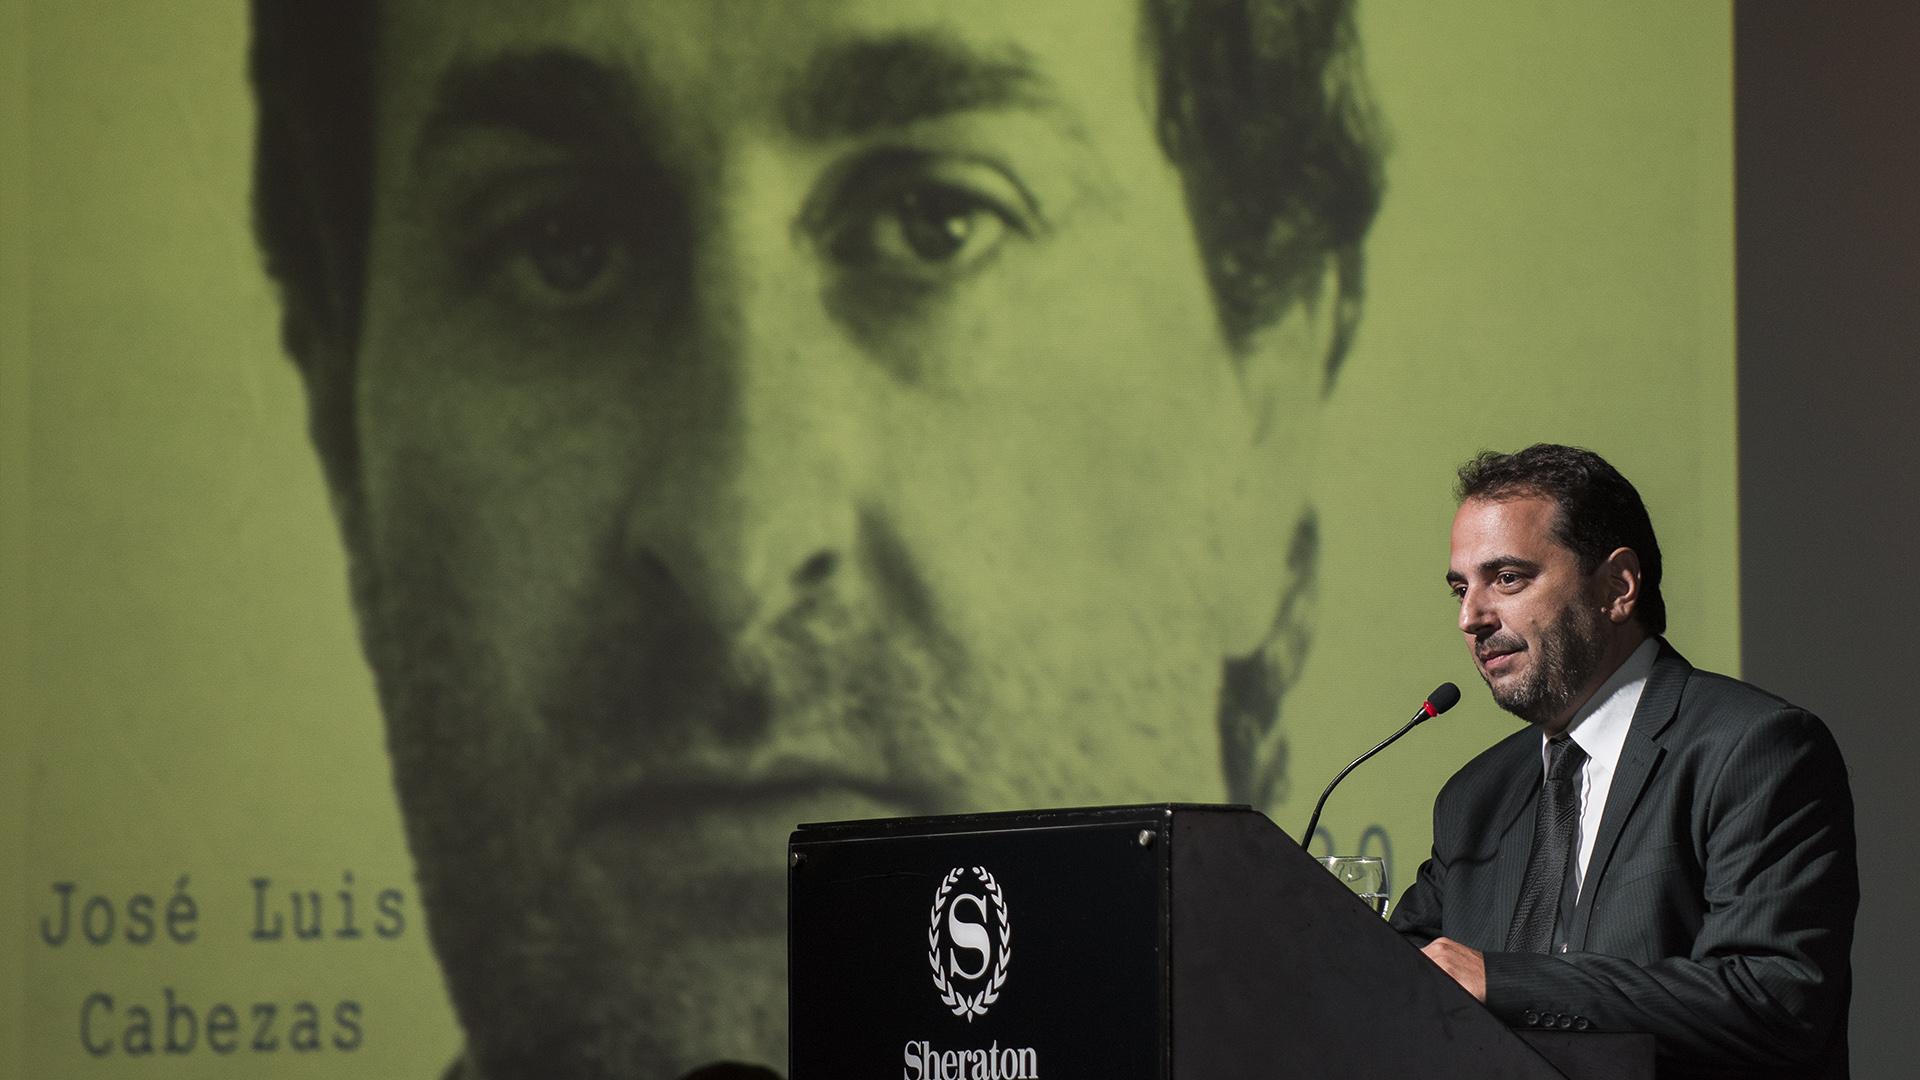 Gabriel Michi recordando a José Luis Cabezas